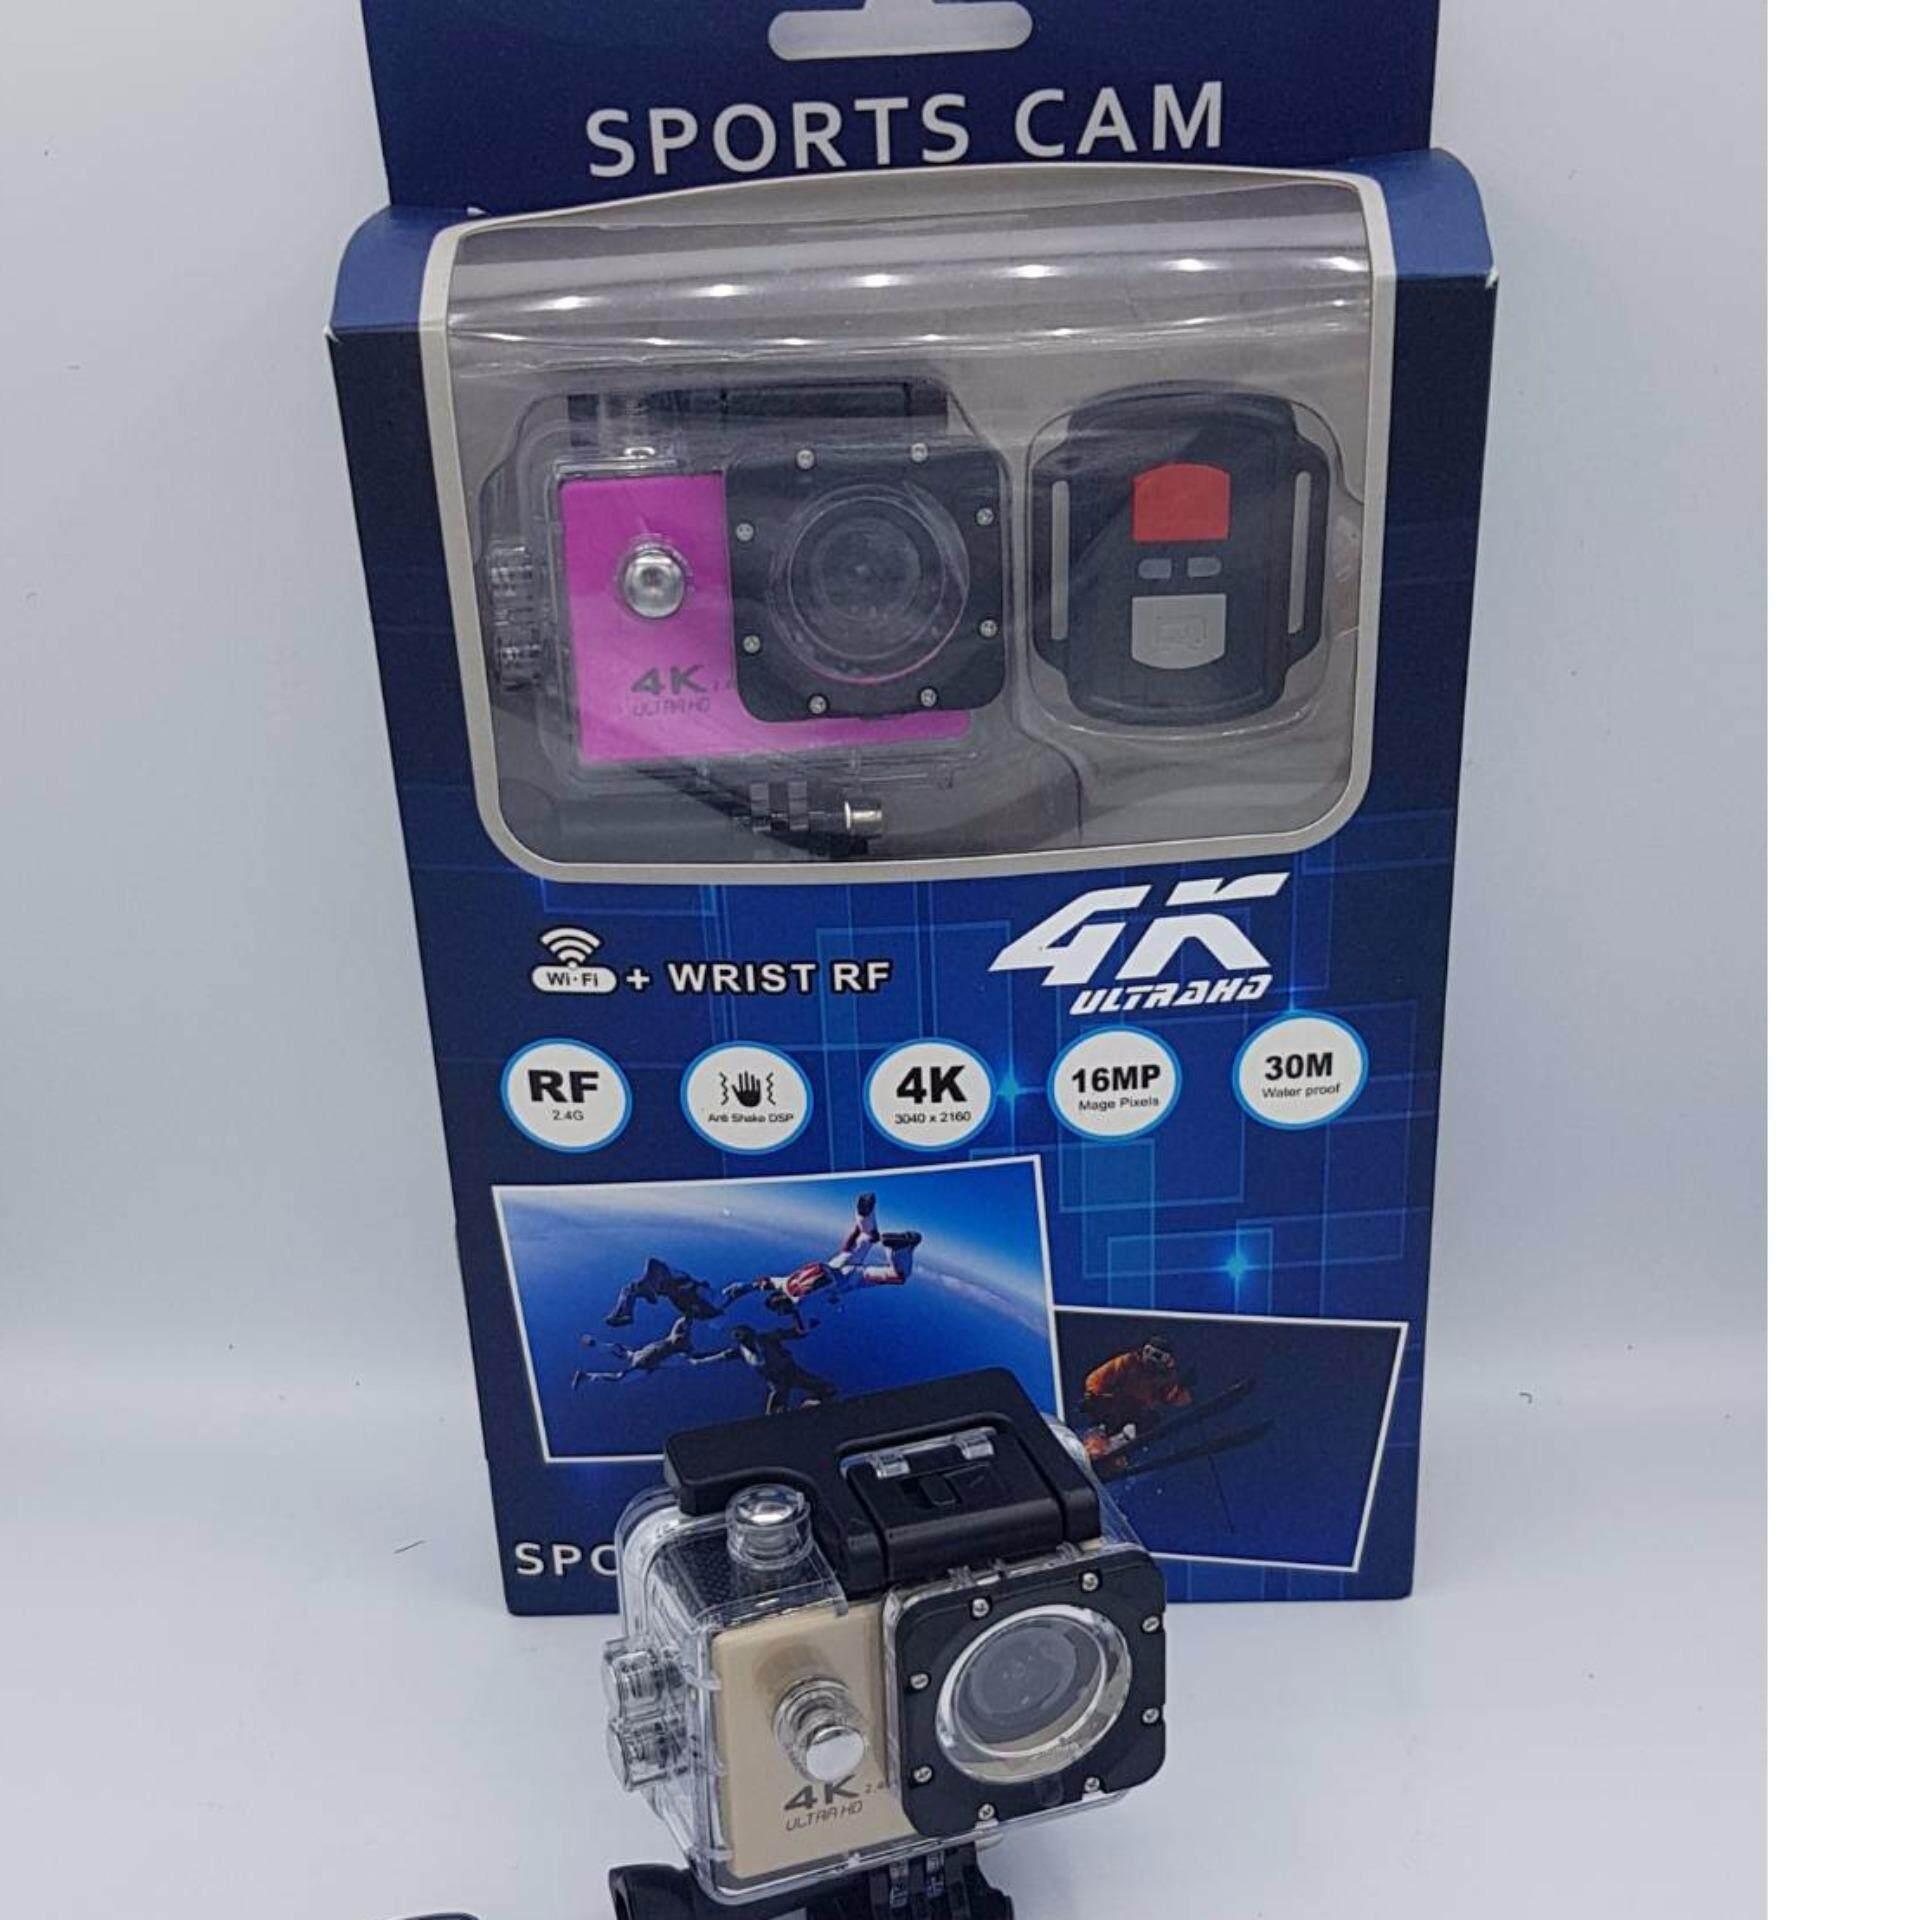 กล้องกันน้ำกันกระแทก ความละเอียด 4K 3040x2160  Ultra HD หน้าจอ2นิ้ว กันน้ำได้ลึก30เมตร +Wifi ความถี่ RF 2.4GHZ พร้อมระบบกันสั่น +รีโมทคอนโทรล สำหรับควบคุมการถ่ายภาพ